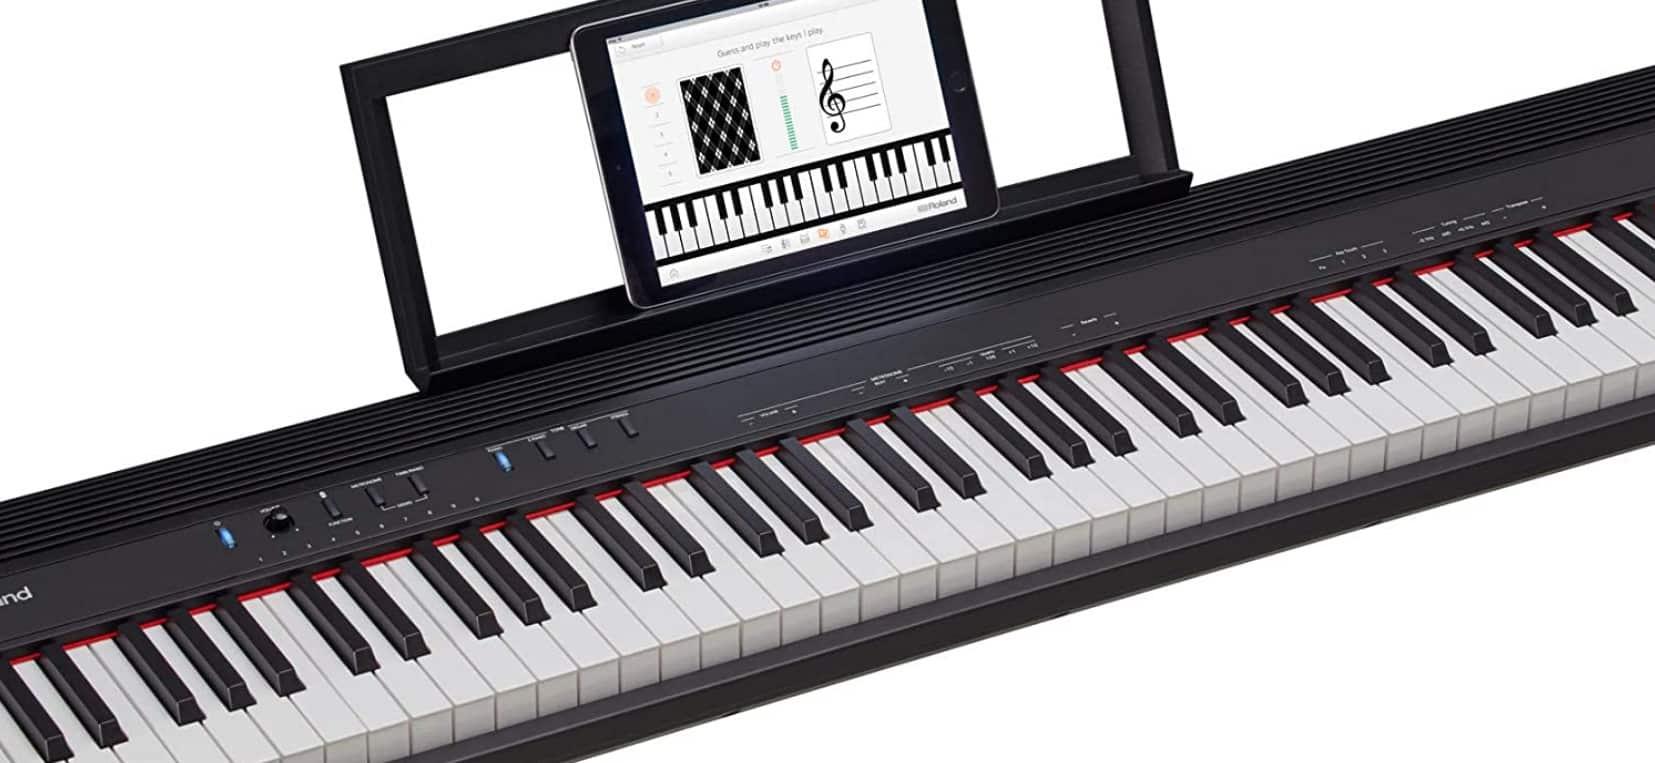 Comparatif pour choisir le meilleur piano numérique Roland